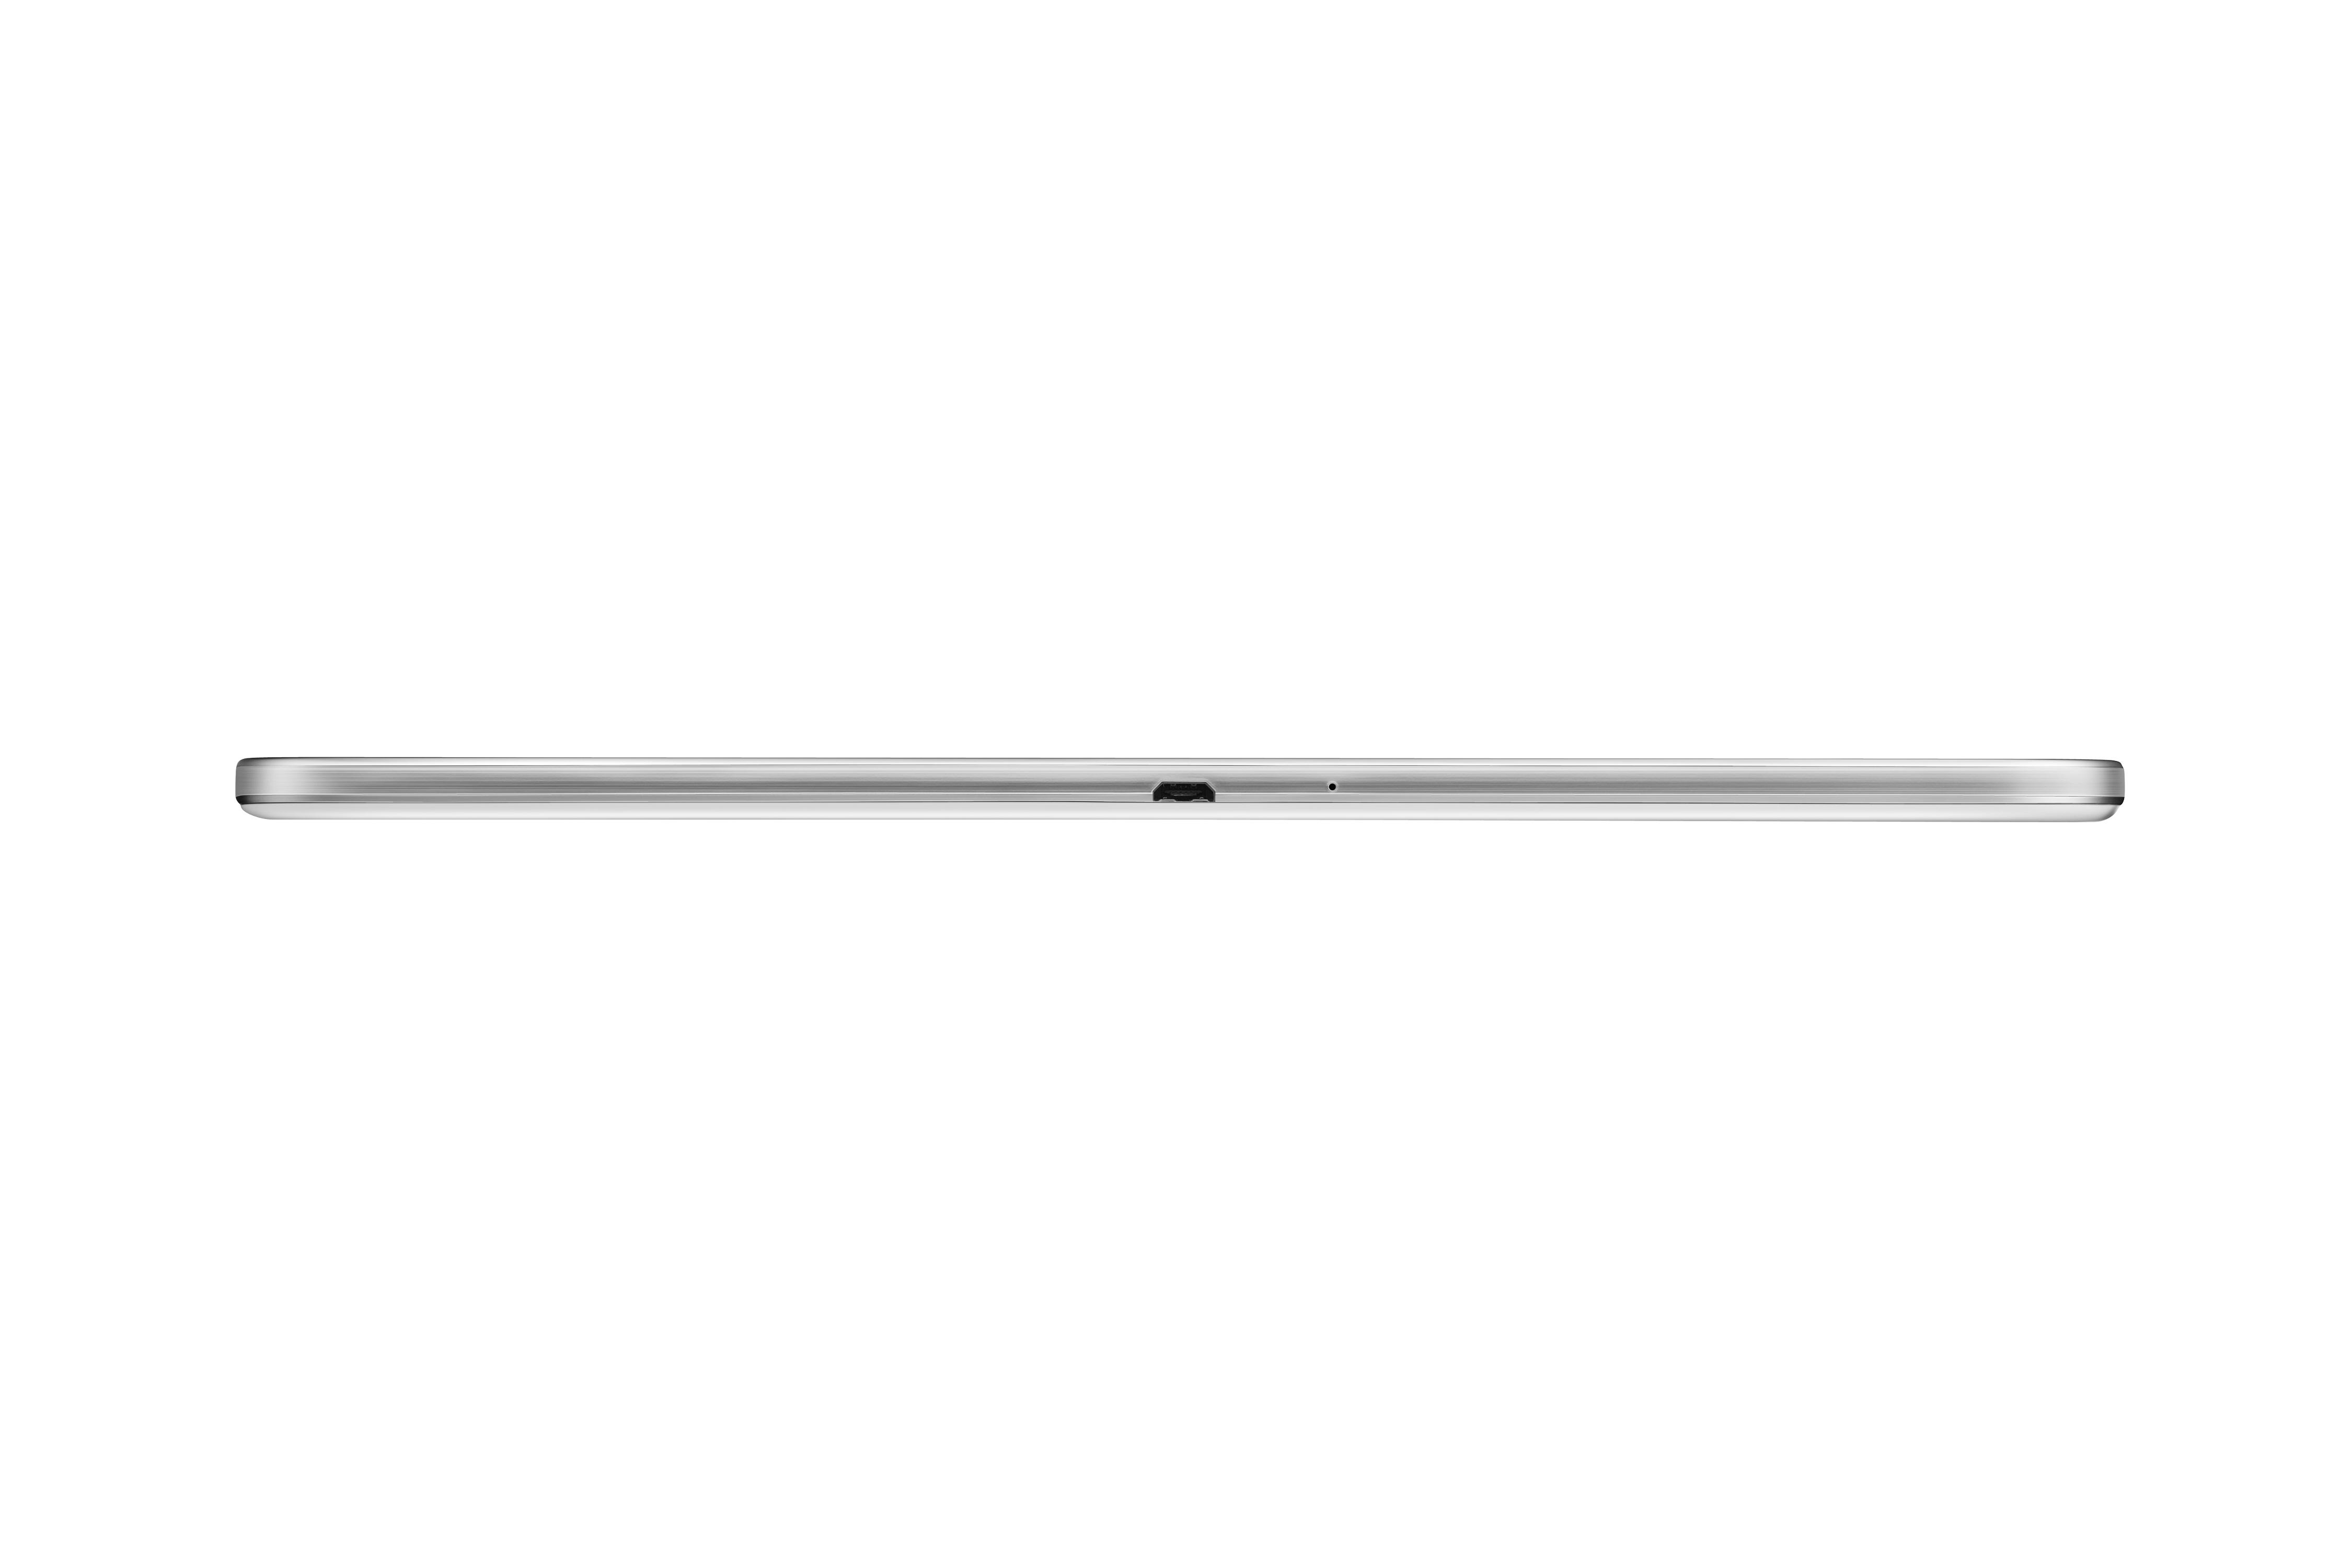 Samsung unveils Galaxy Tab 3 8 0 and Galaxy Tab 3 10 1